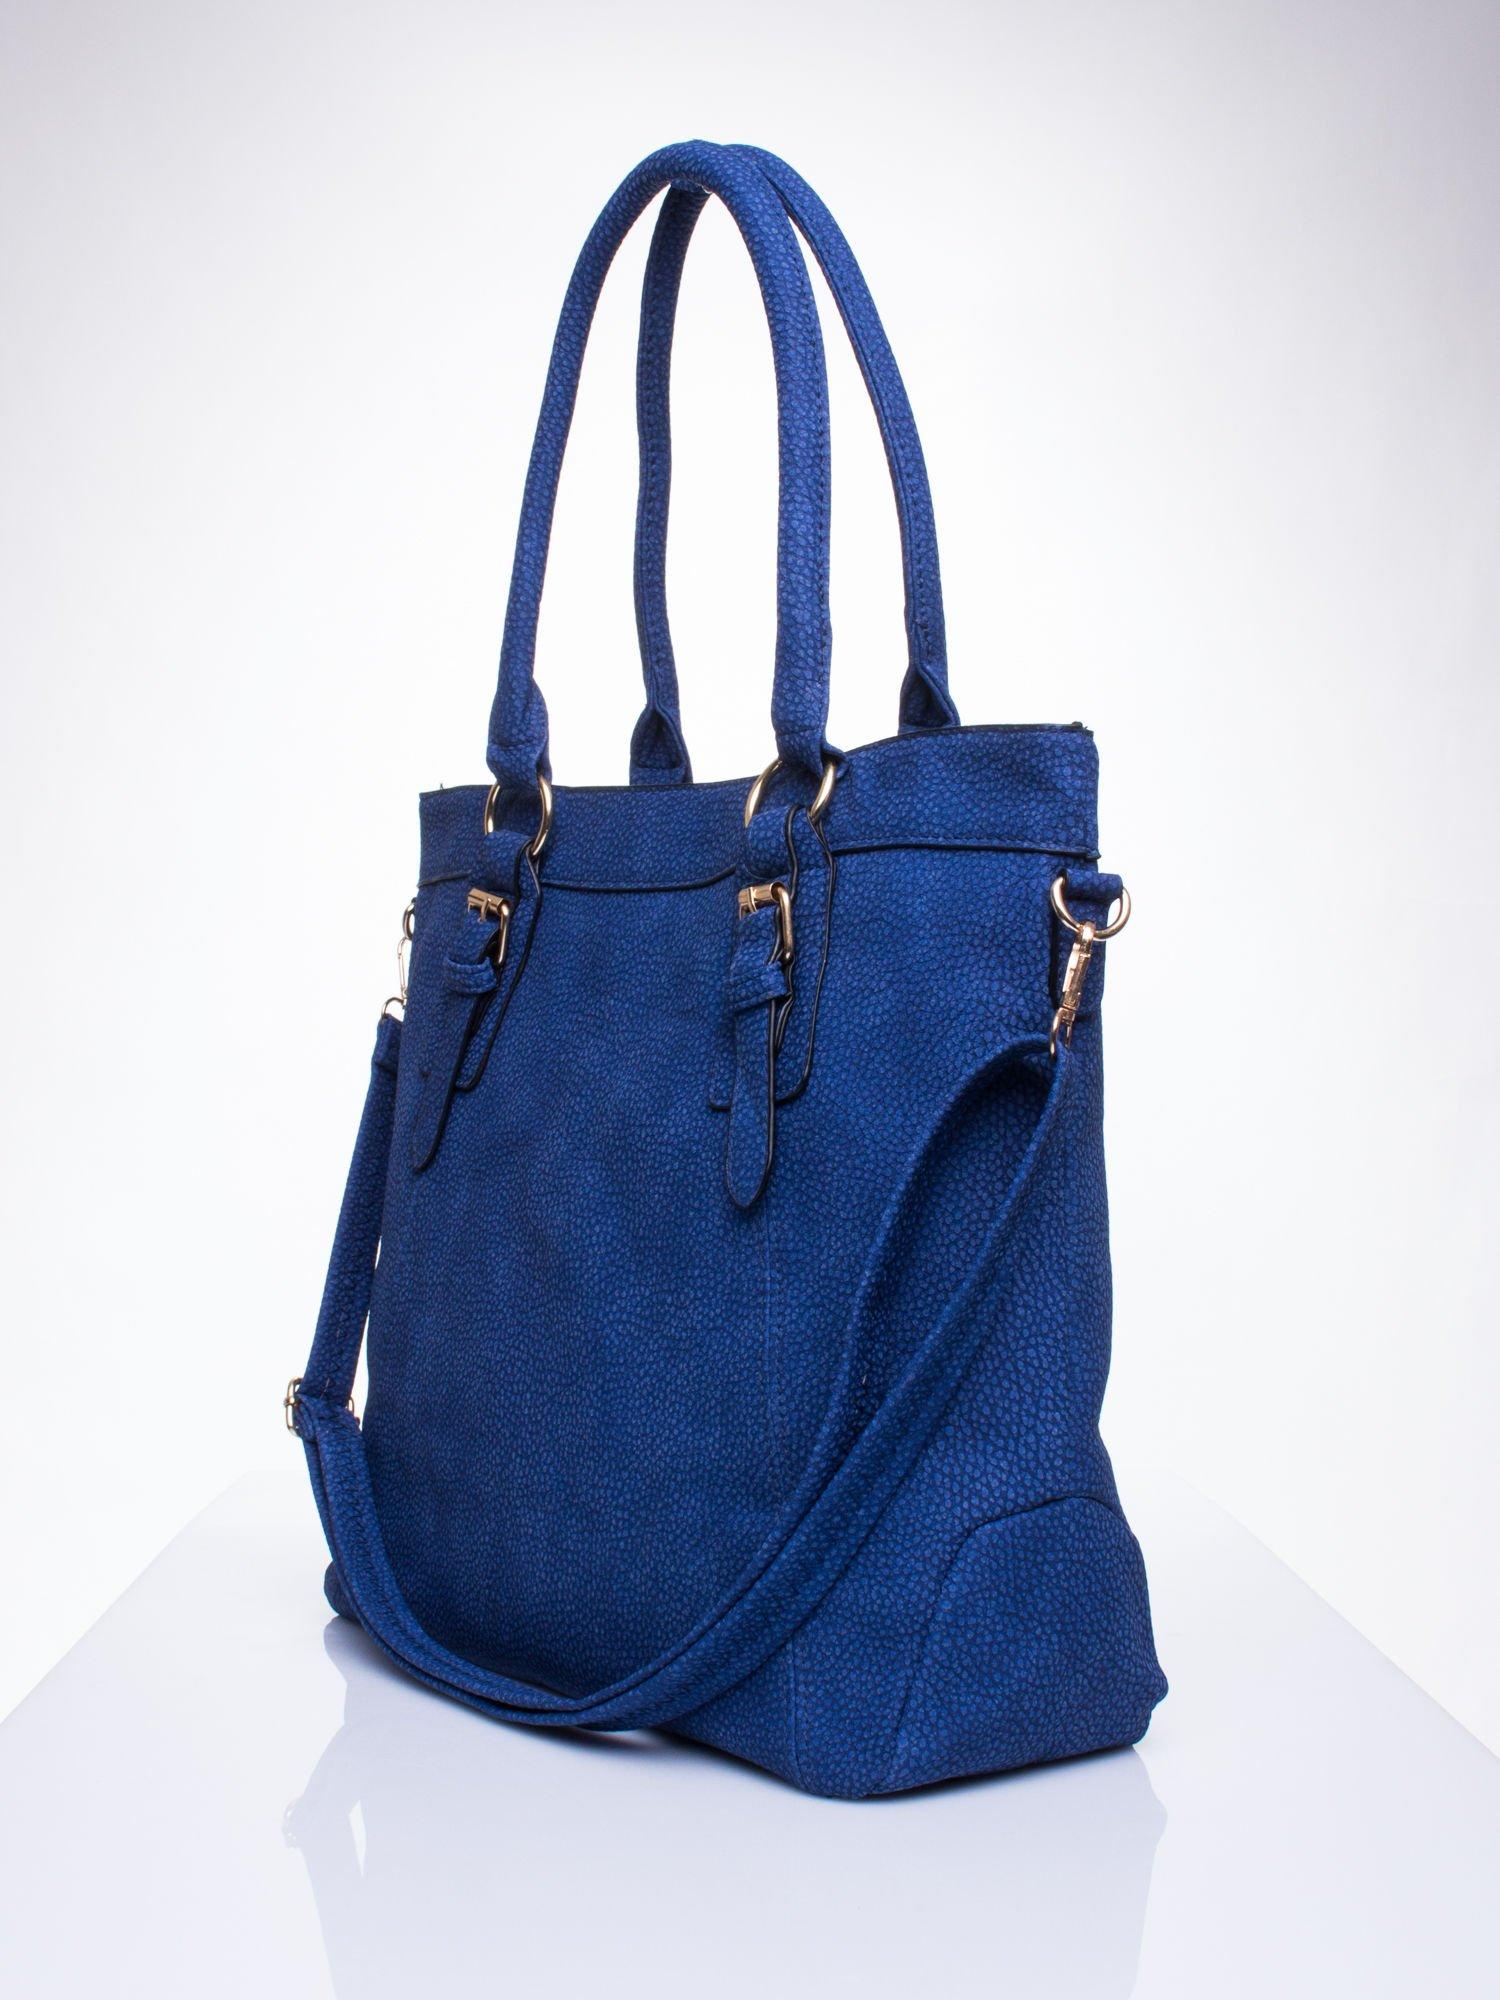 Niebieska fakturowana torebka z klamerkami                                  zdj.                                  2